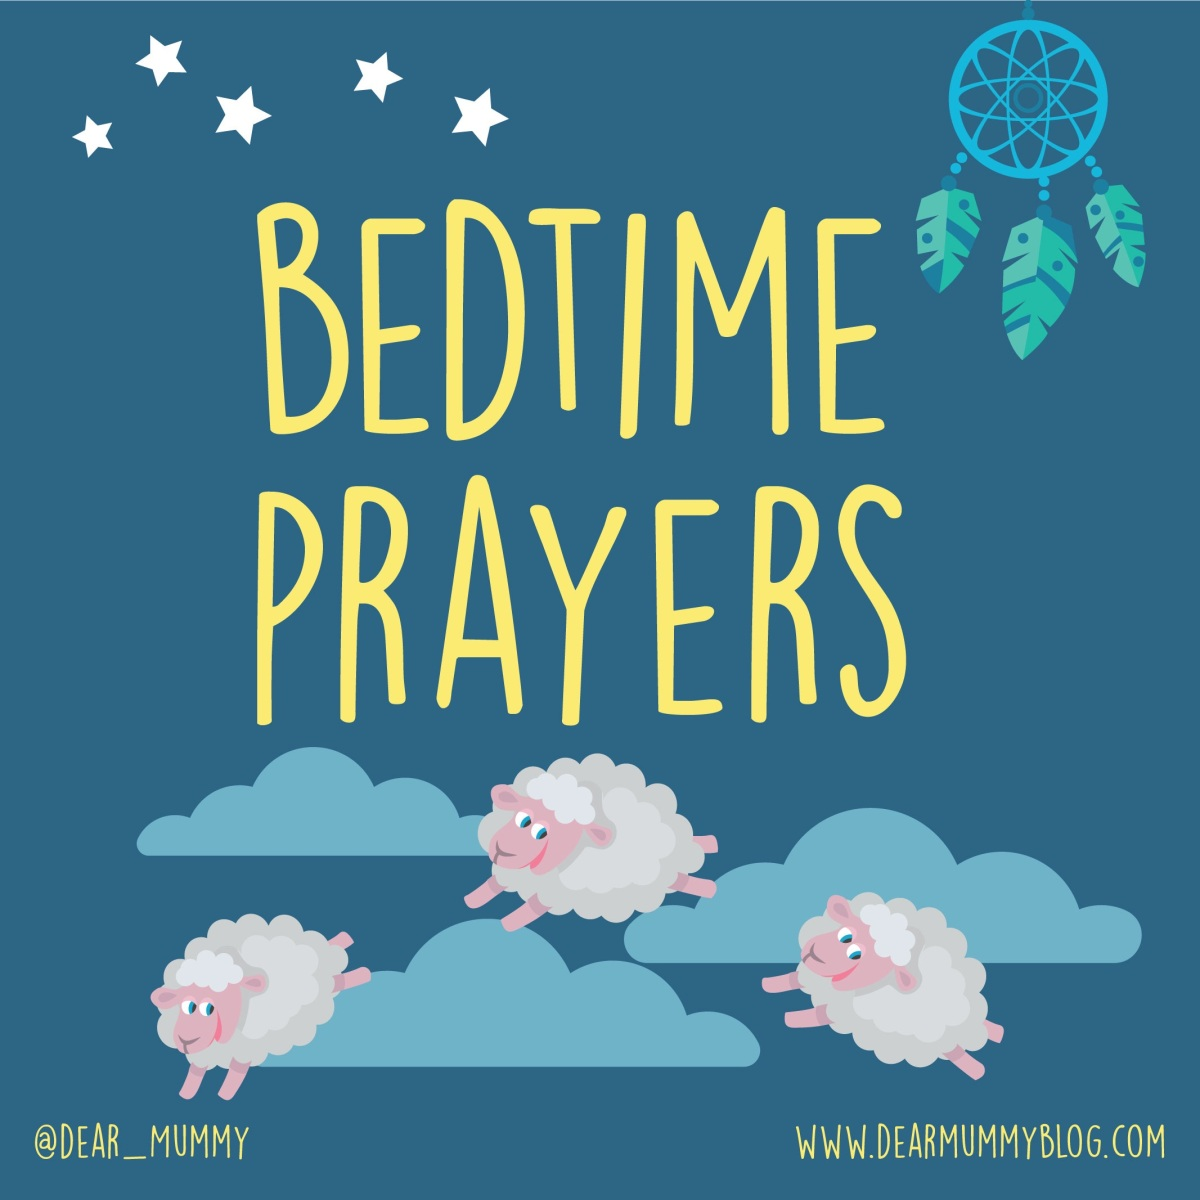 Bedtime Prayers Dear Mummy Blog